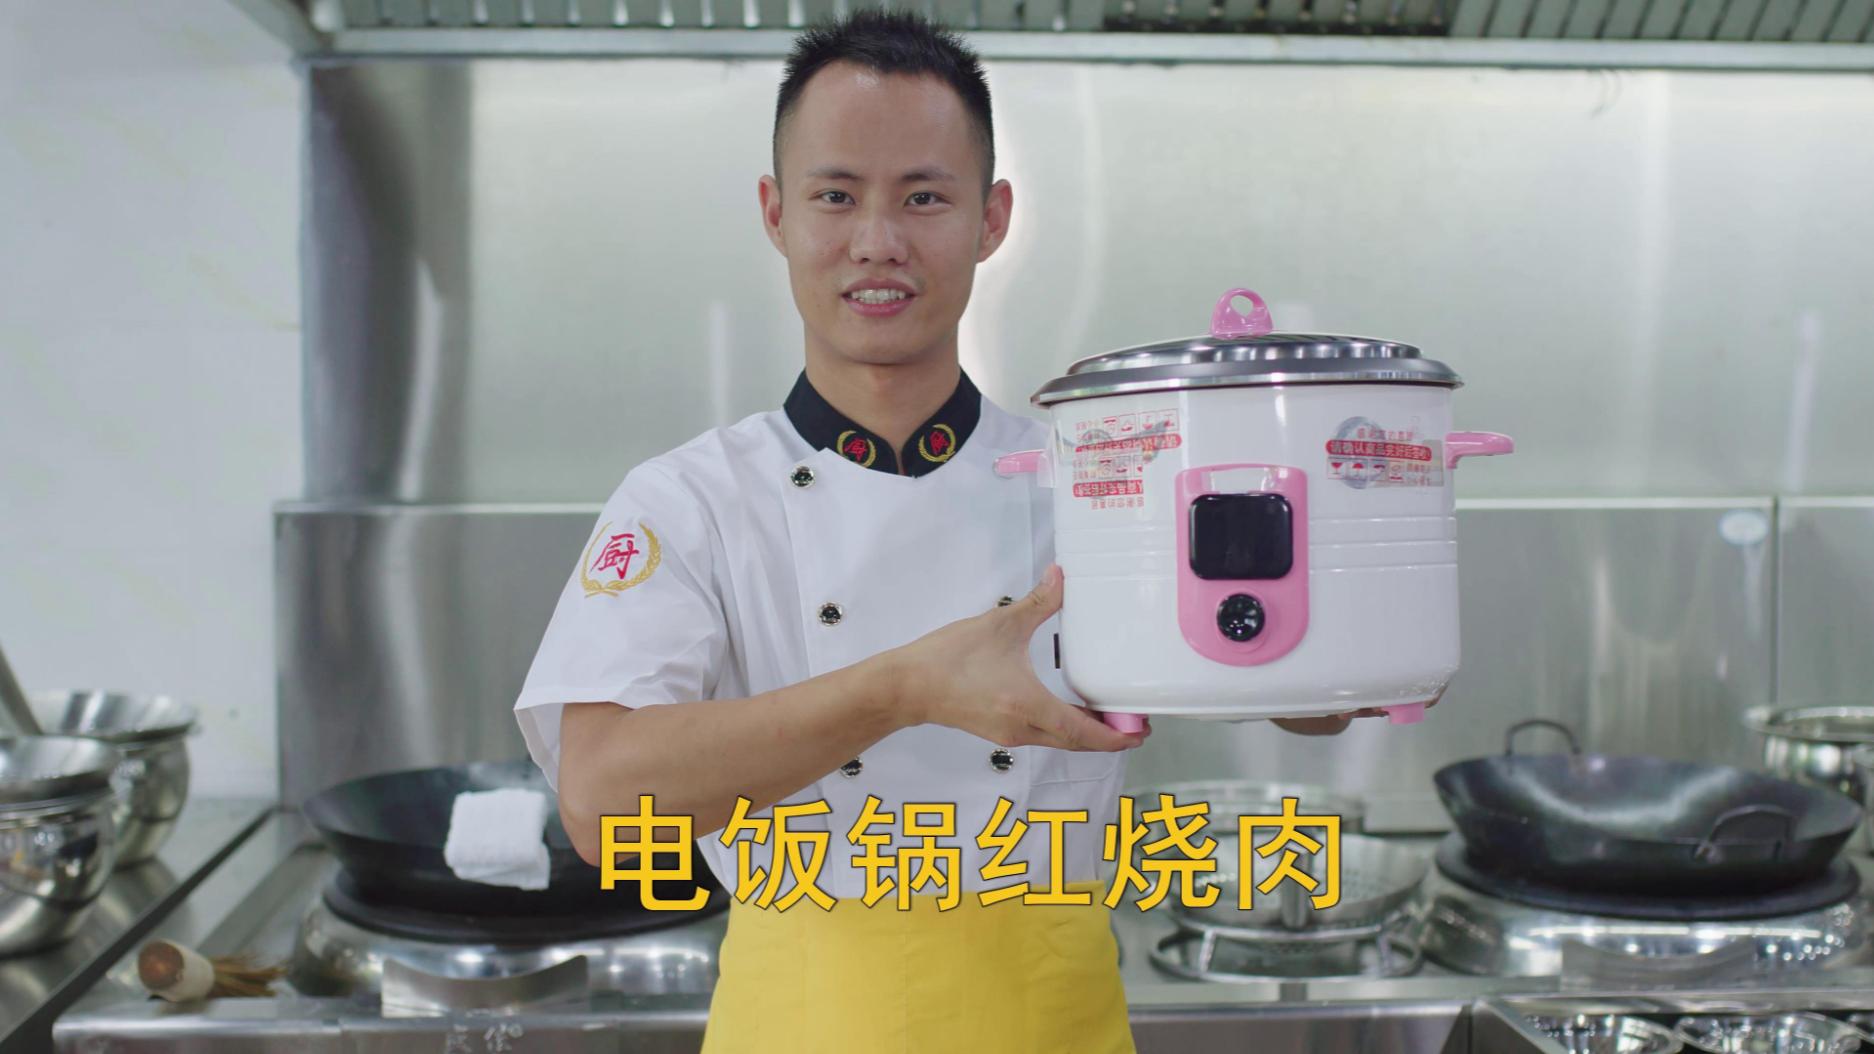 """厨师长教你:""""电饭锅红烧肉""""的家常做法,满满的小技巧,收藏了"""